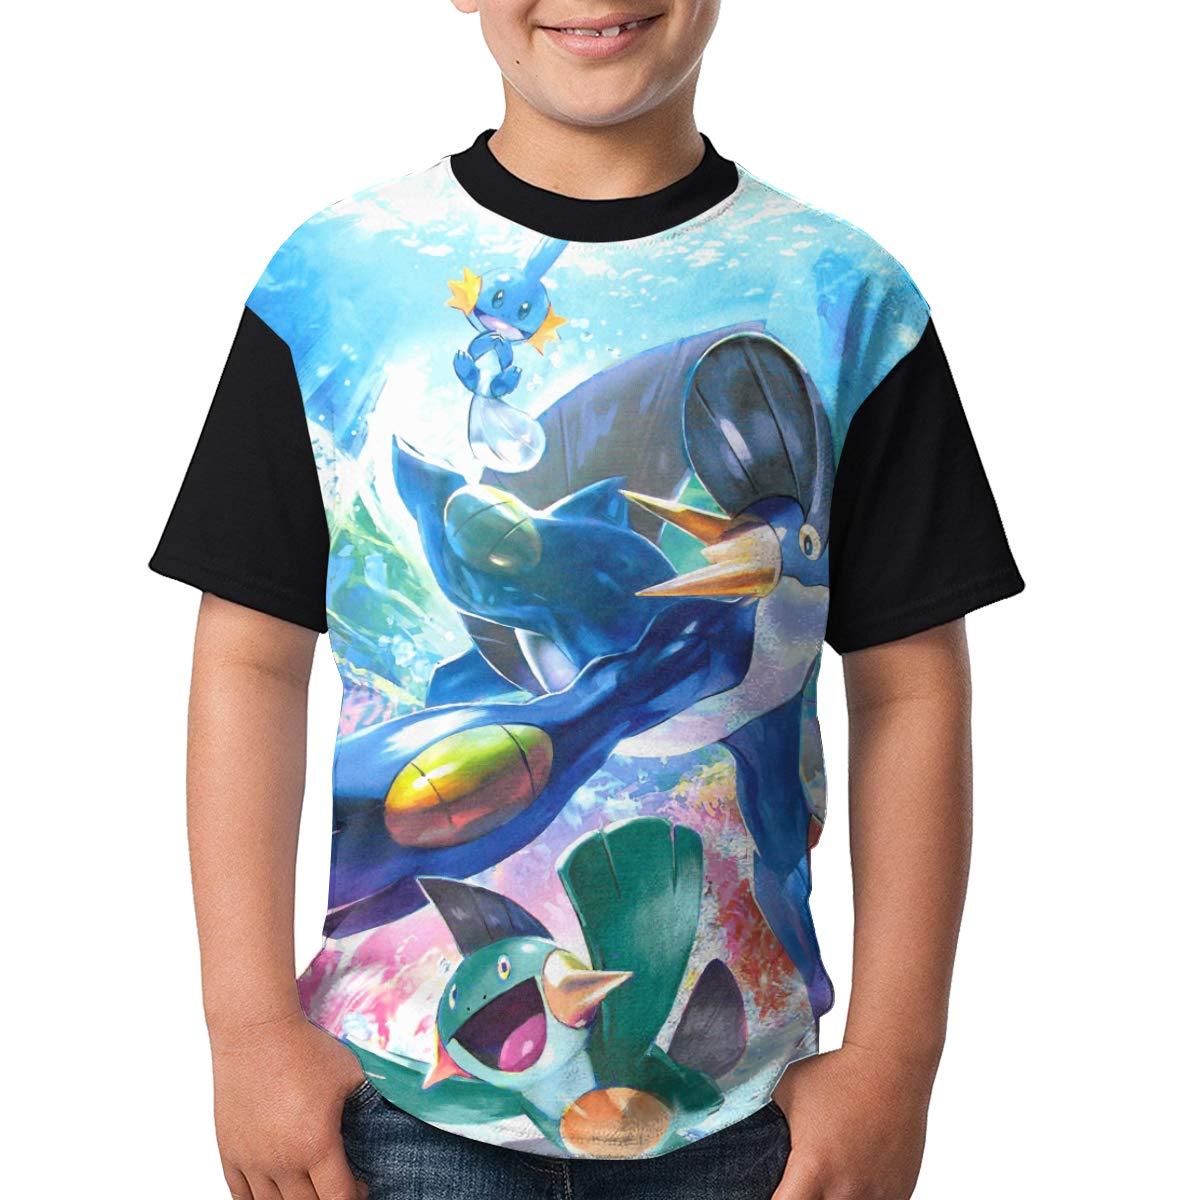 Brocade Carp Mudkip Boy Fation Shirts